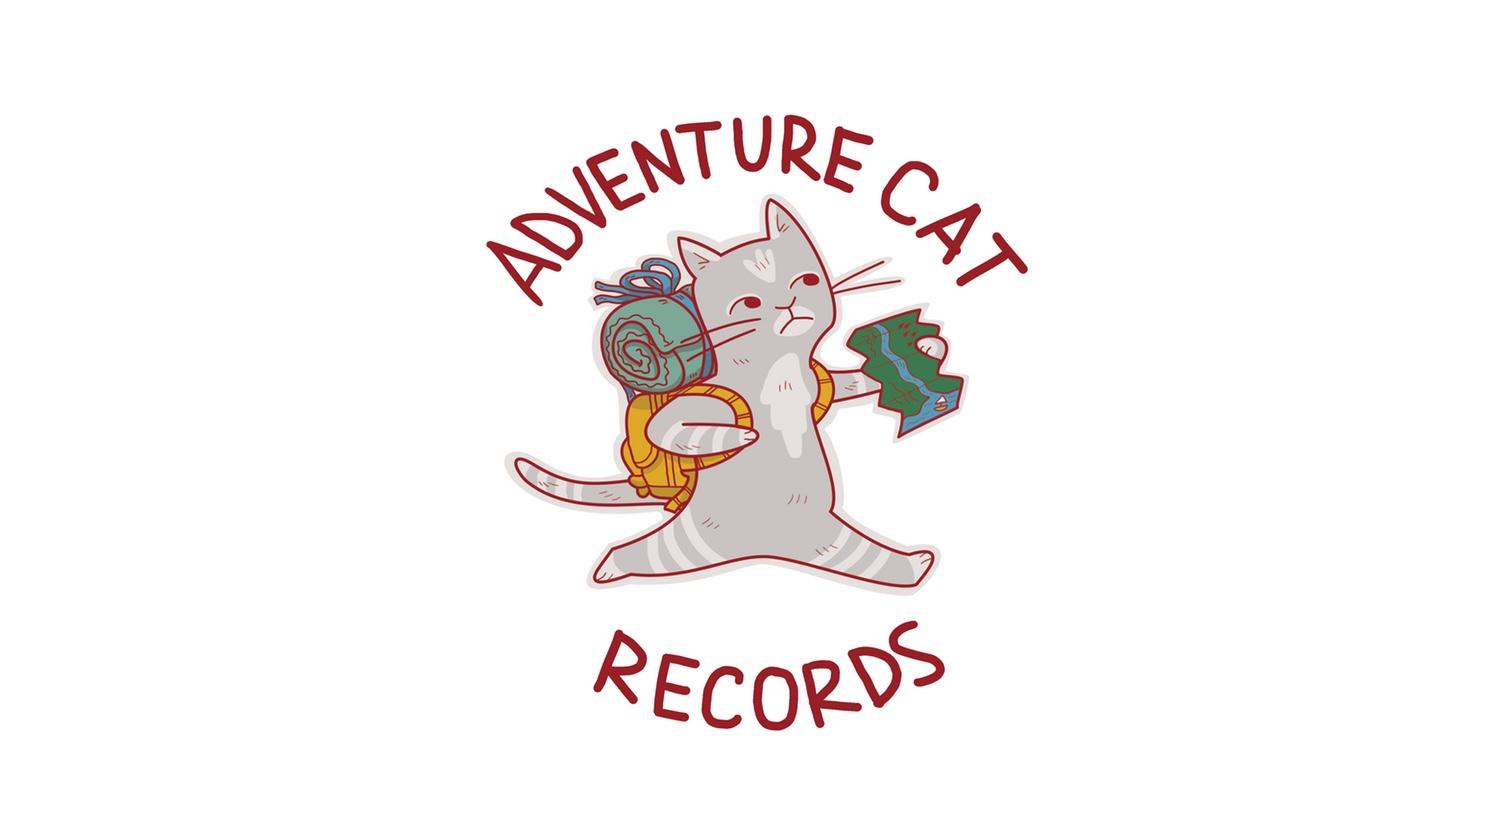 Adventure Cat Records